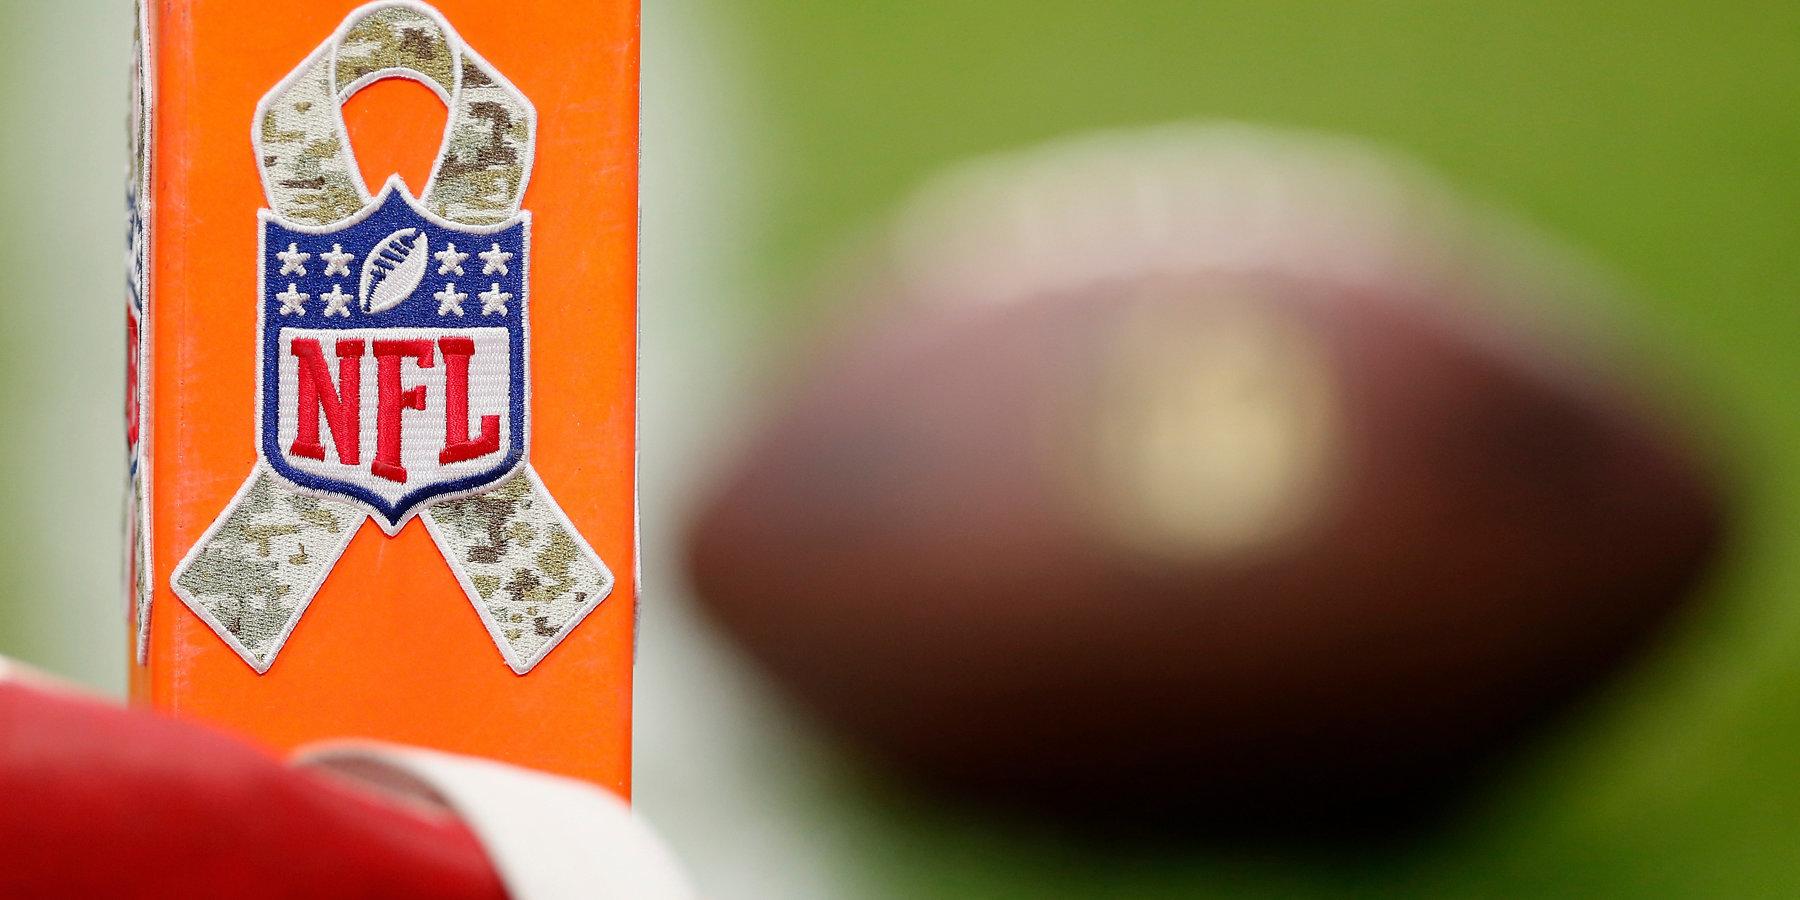 Американский спортсмен признался вупотреблении наркотиков перед матчами НФЛ